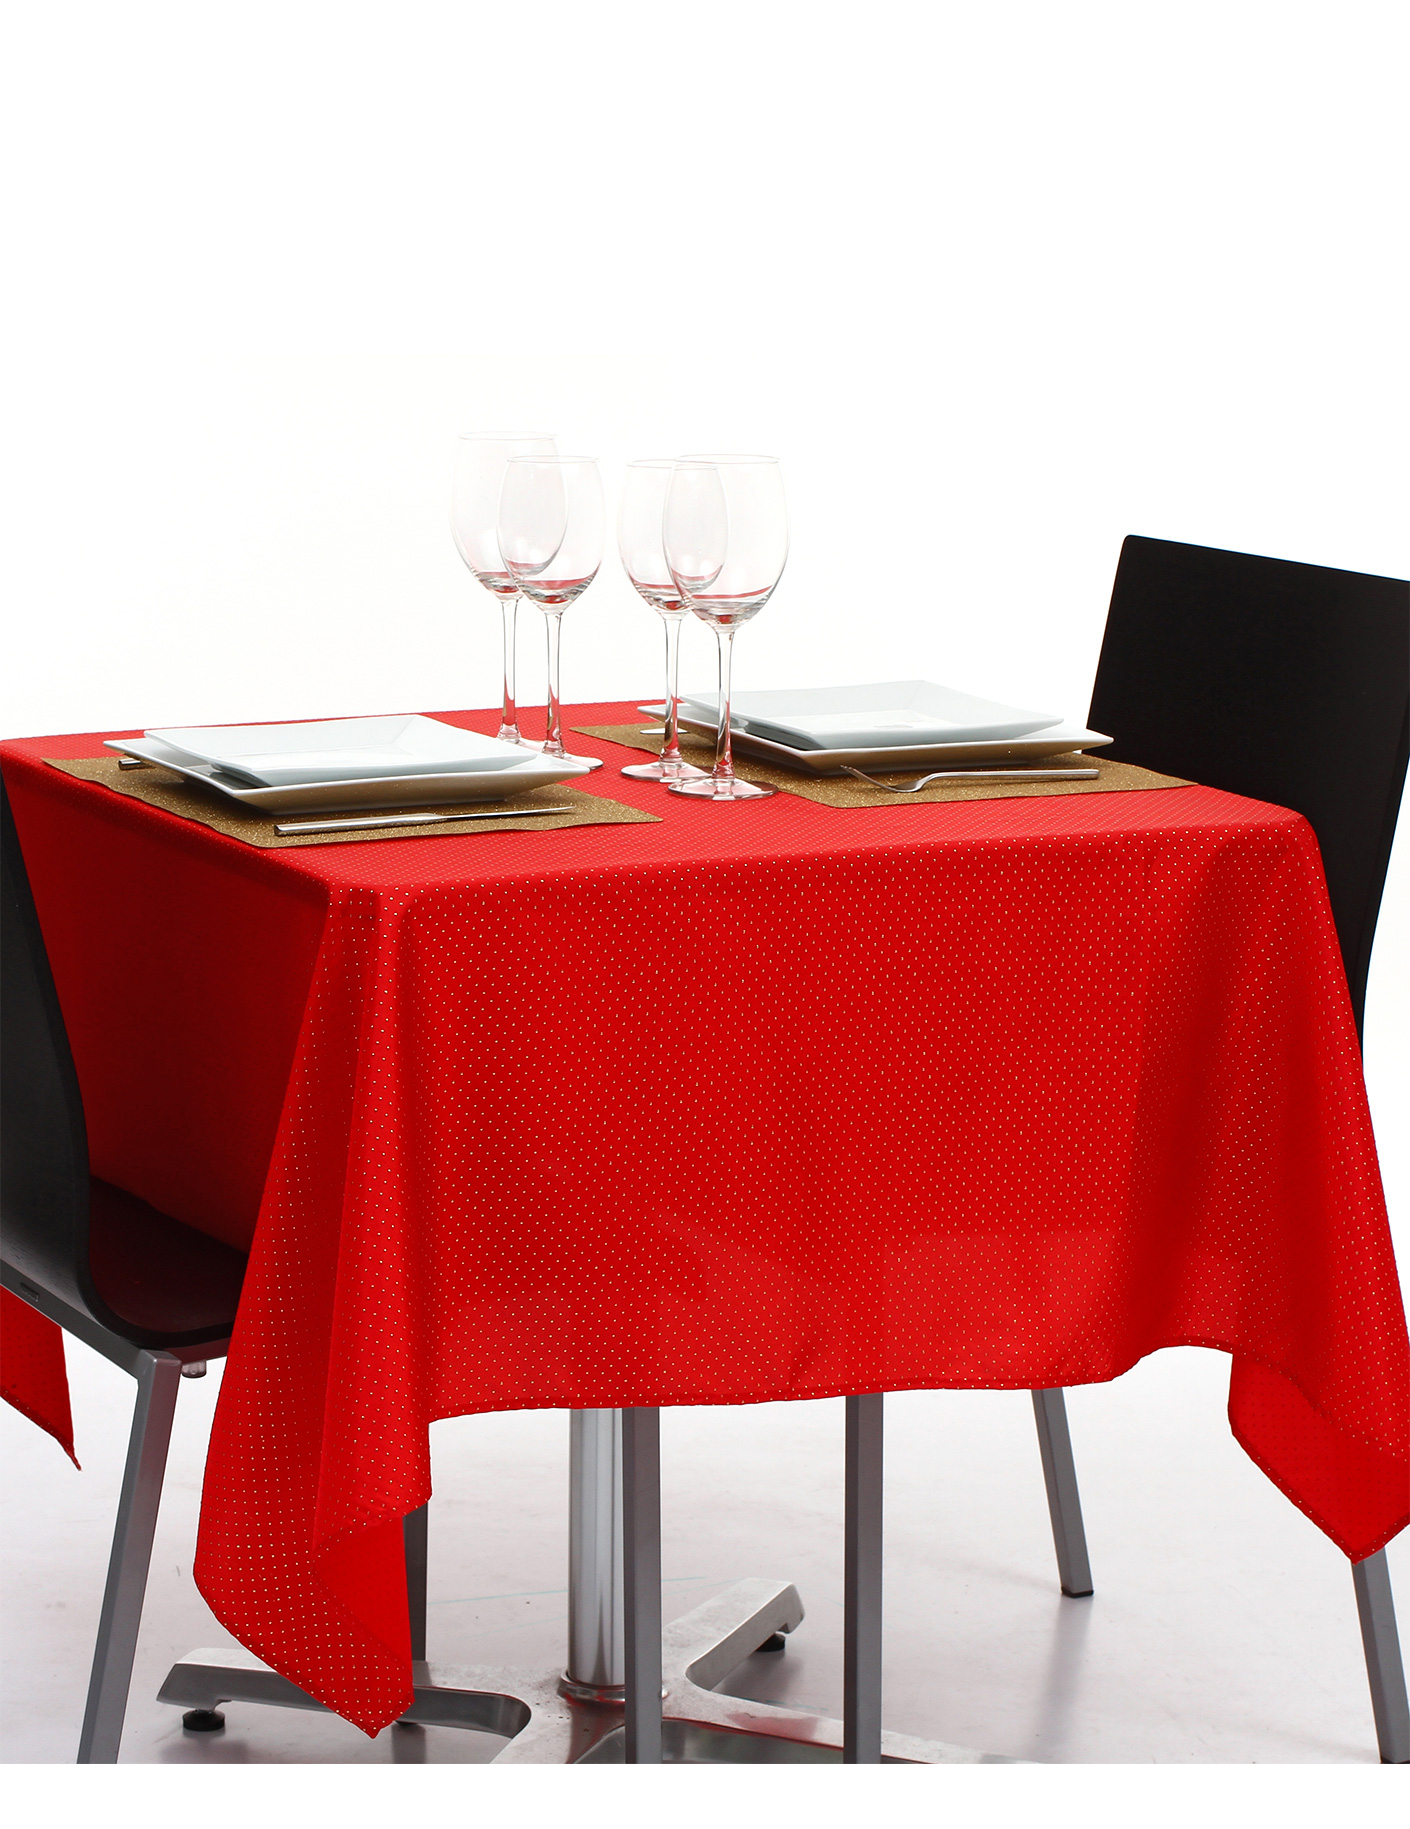 nappe carr e en tissu rouge et or 140 x 140 cm d coration anniversaire et f tes th me sur. Black Bedroom Furniture Sets. Home Design Ideas